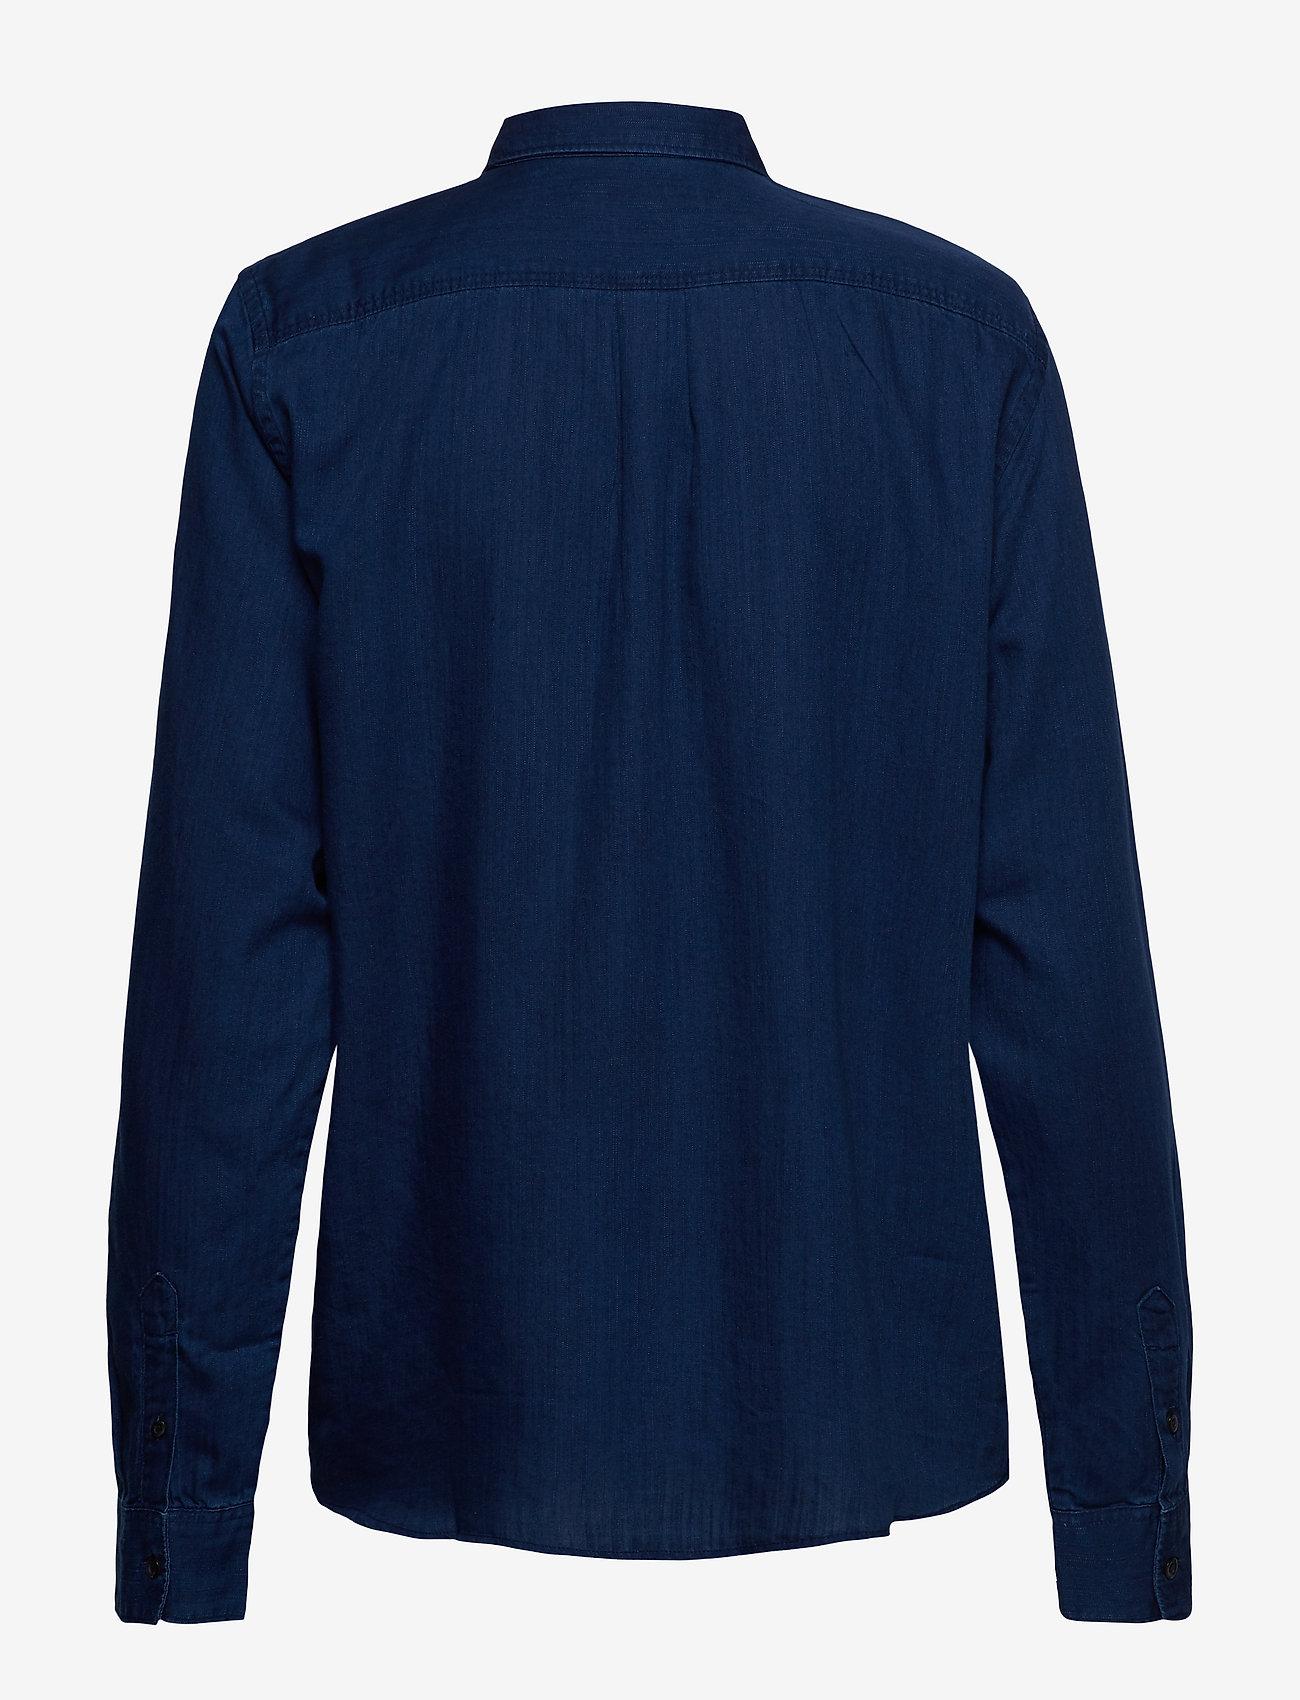 Lee Jeans - ONE POCKET SHIRT - langermede skjorter - oil blue - 1